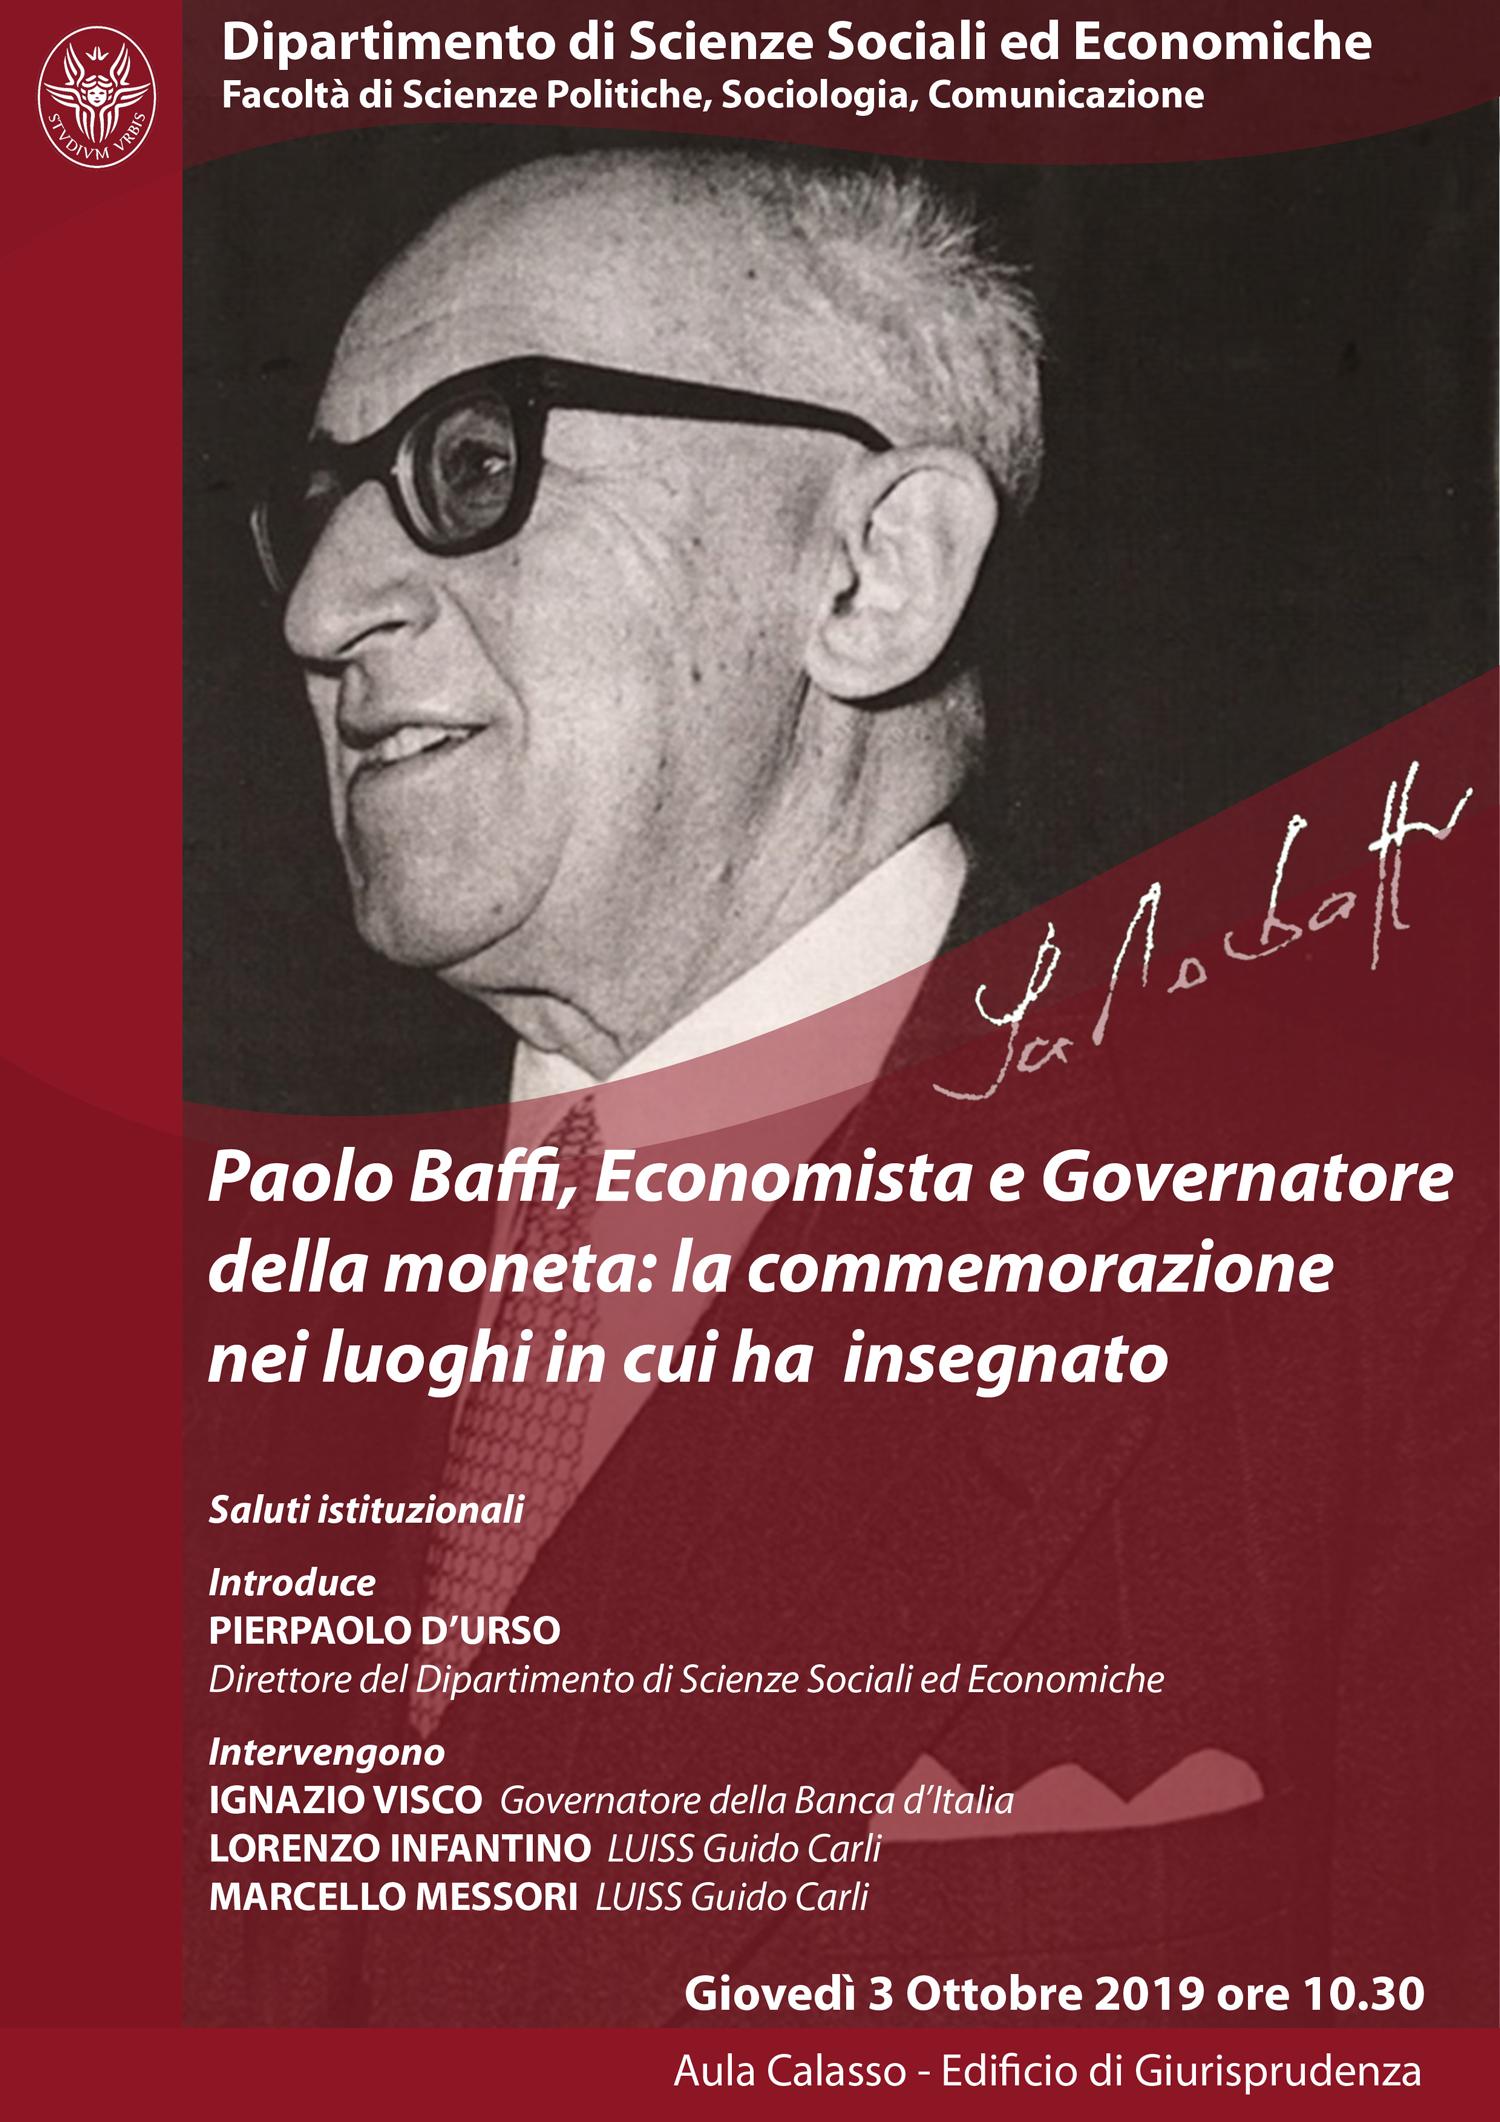 Paolo Baffi, Economista e Governatore della moneta: la commemorazione nei luoghi in cui ha insegnato